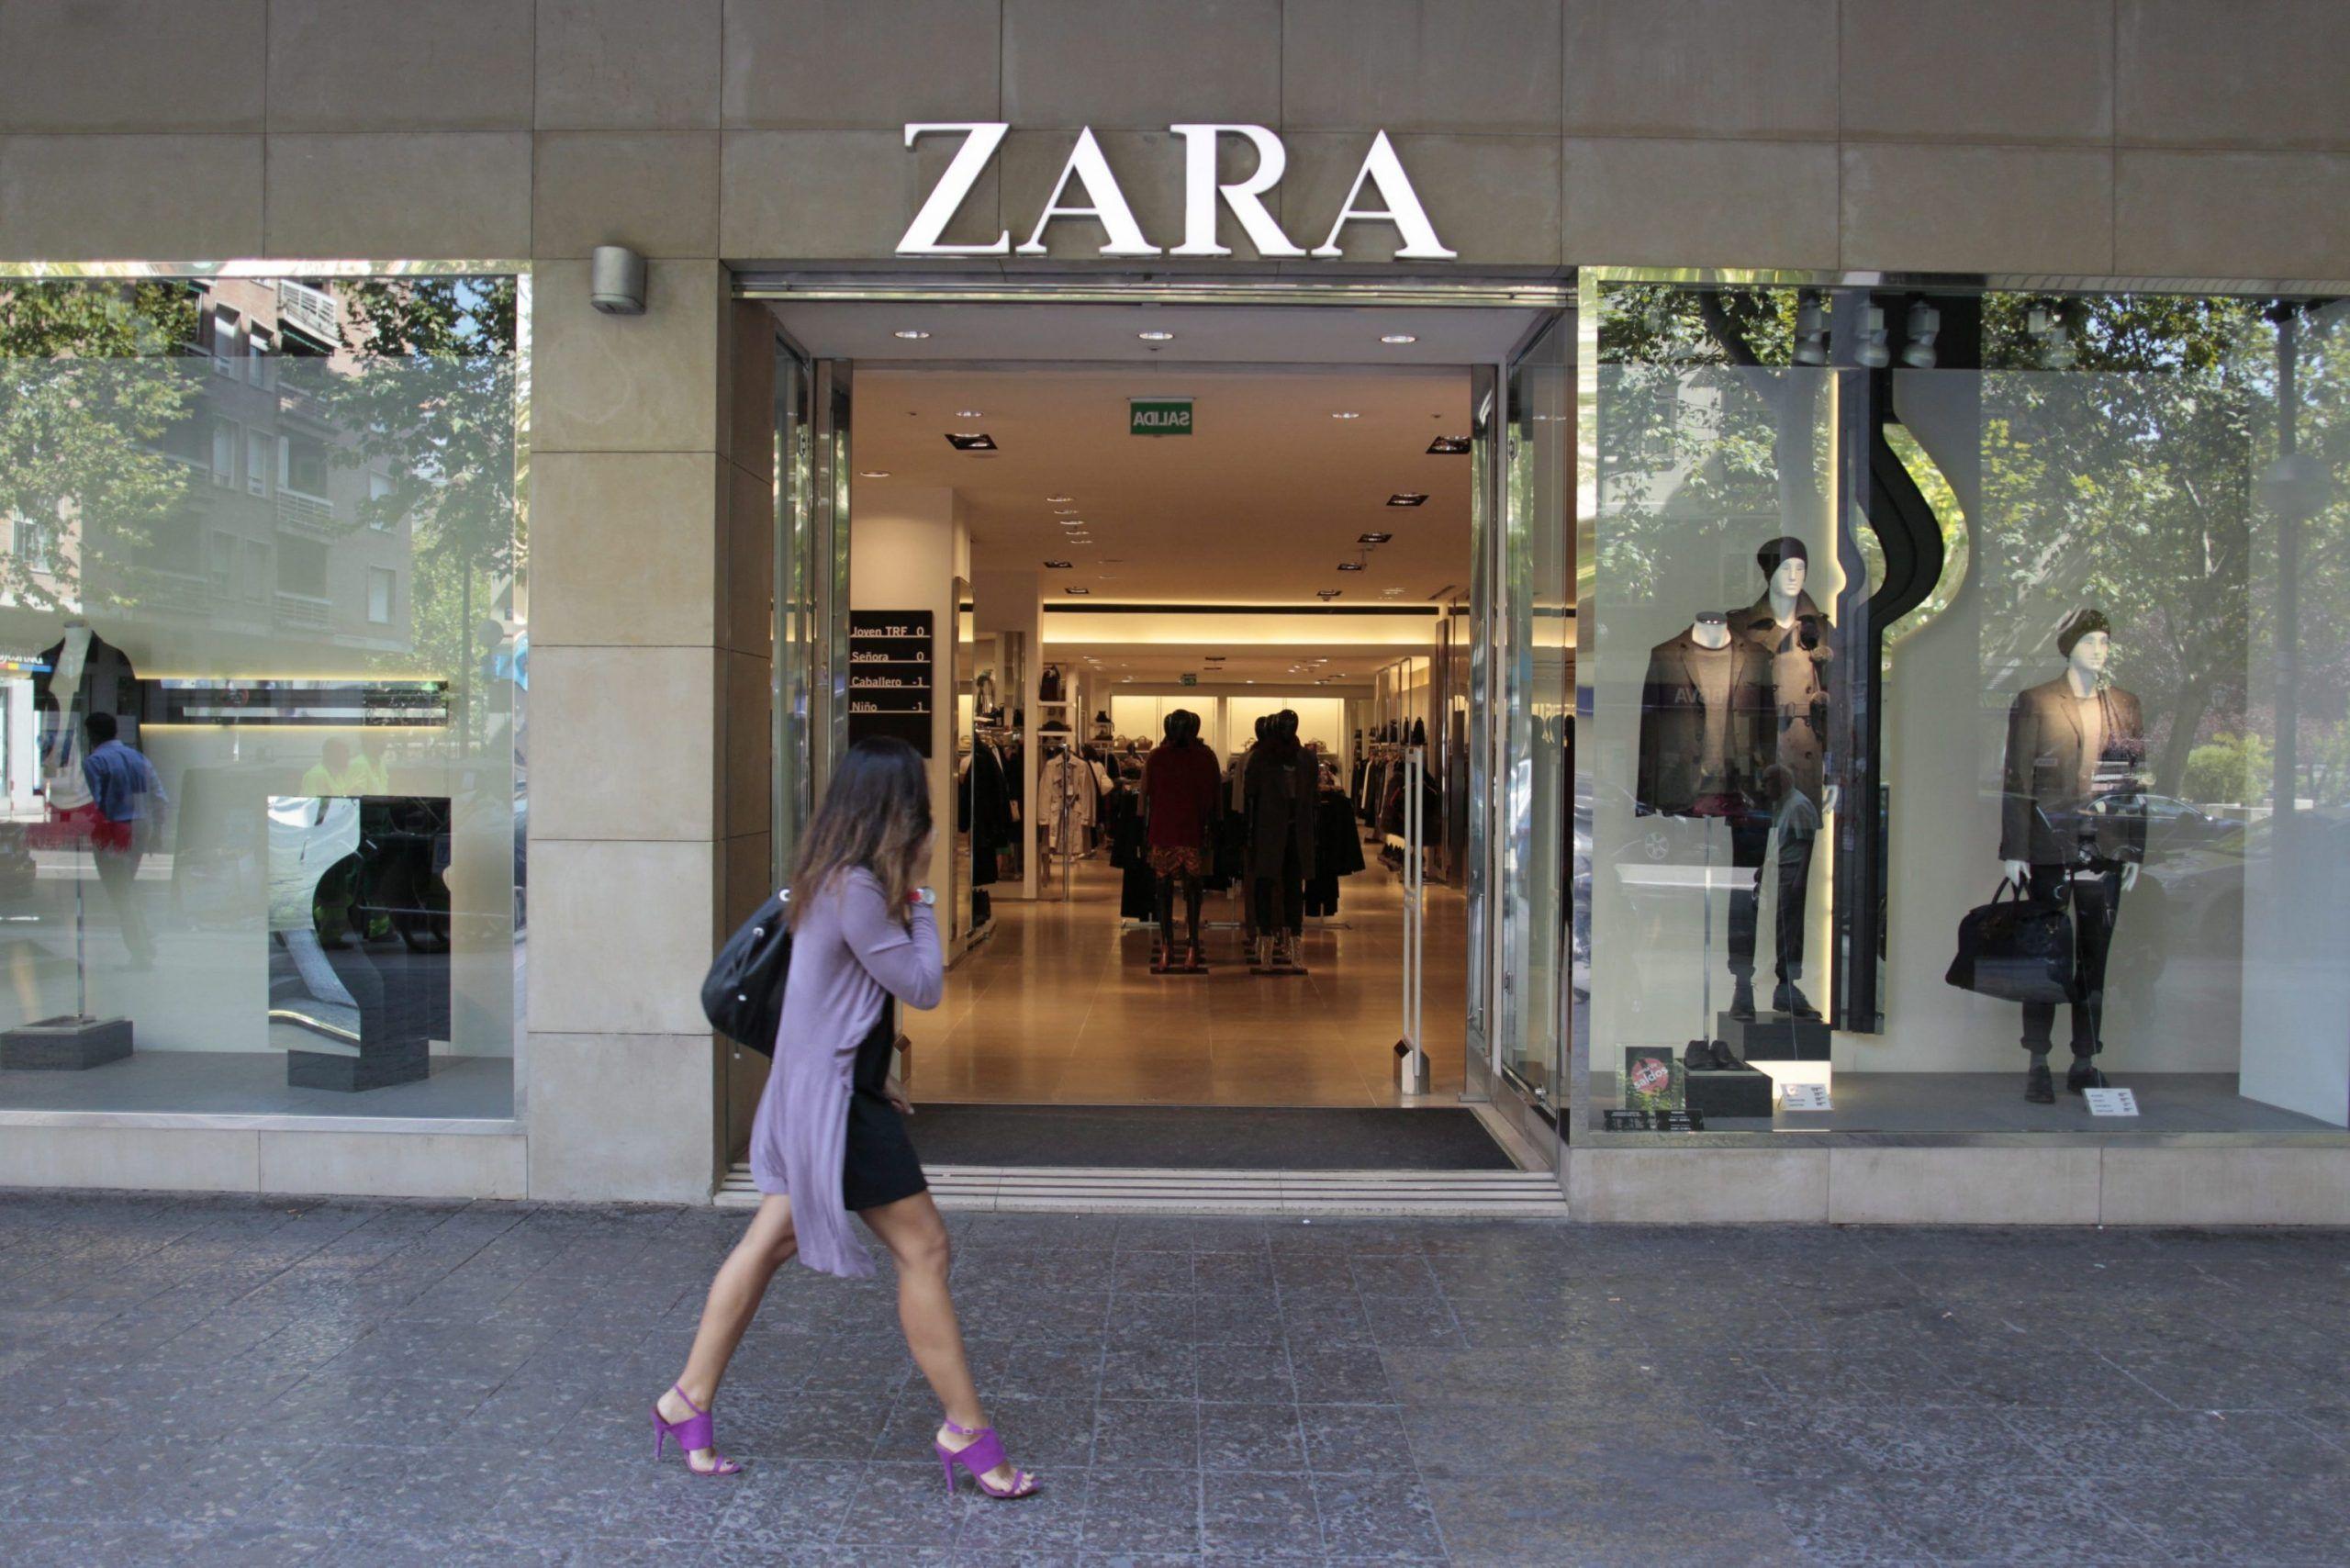 Zara, biglietti di protesta dei lavoratori nei vestiti: 'Ho fatto quest'abito ma non mi hanno pagato'